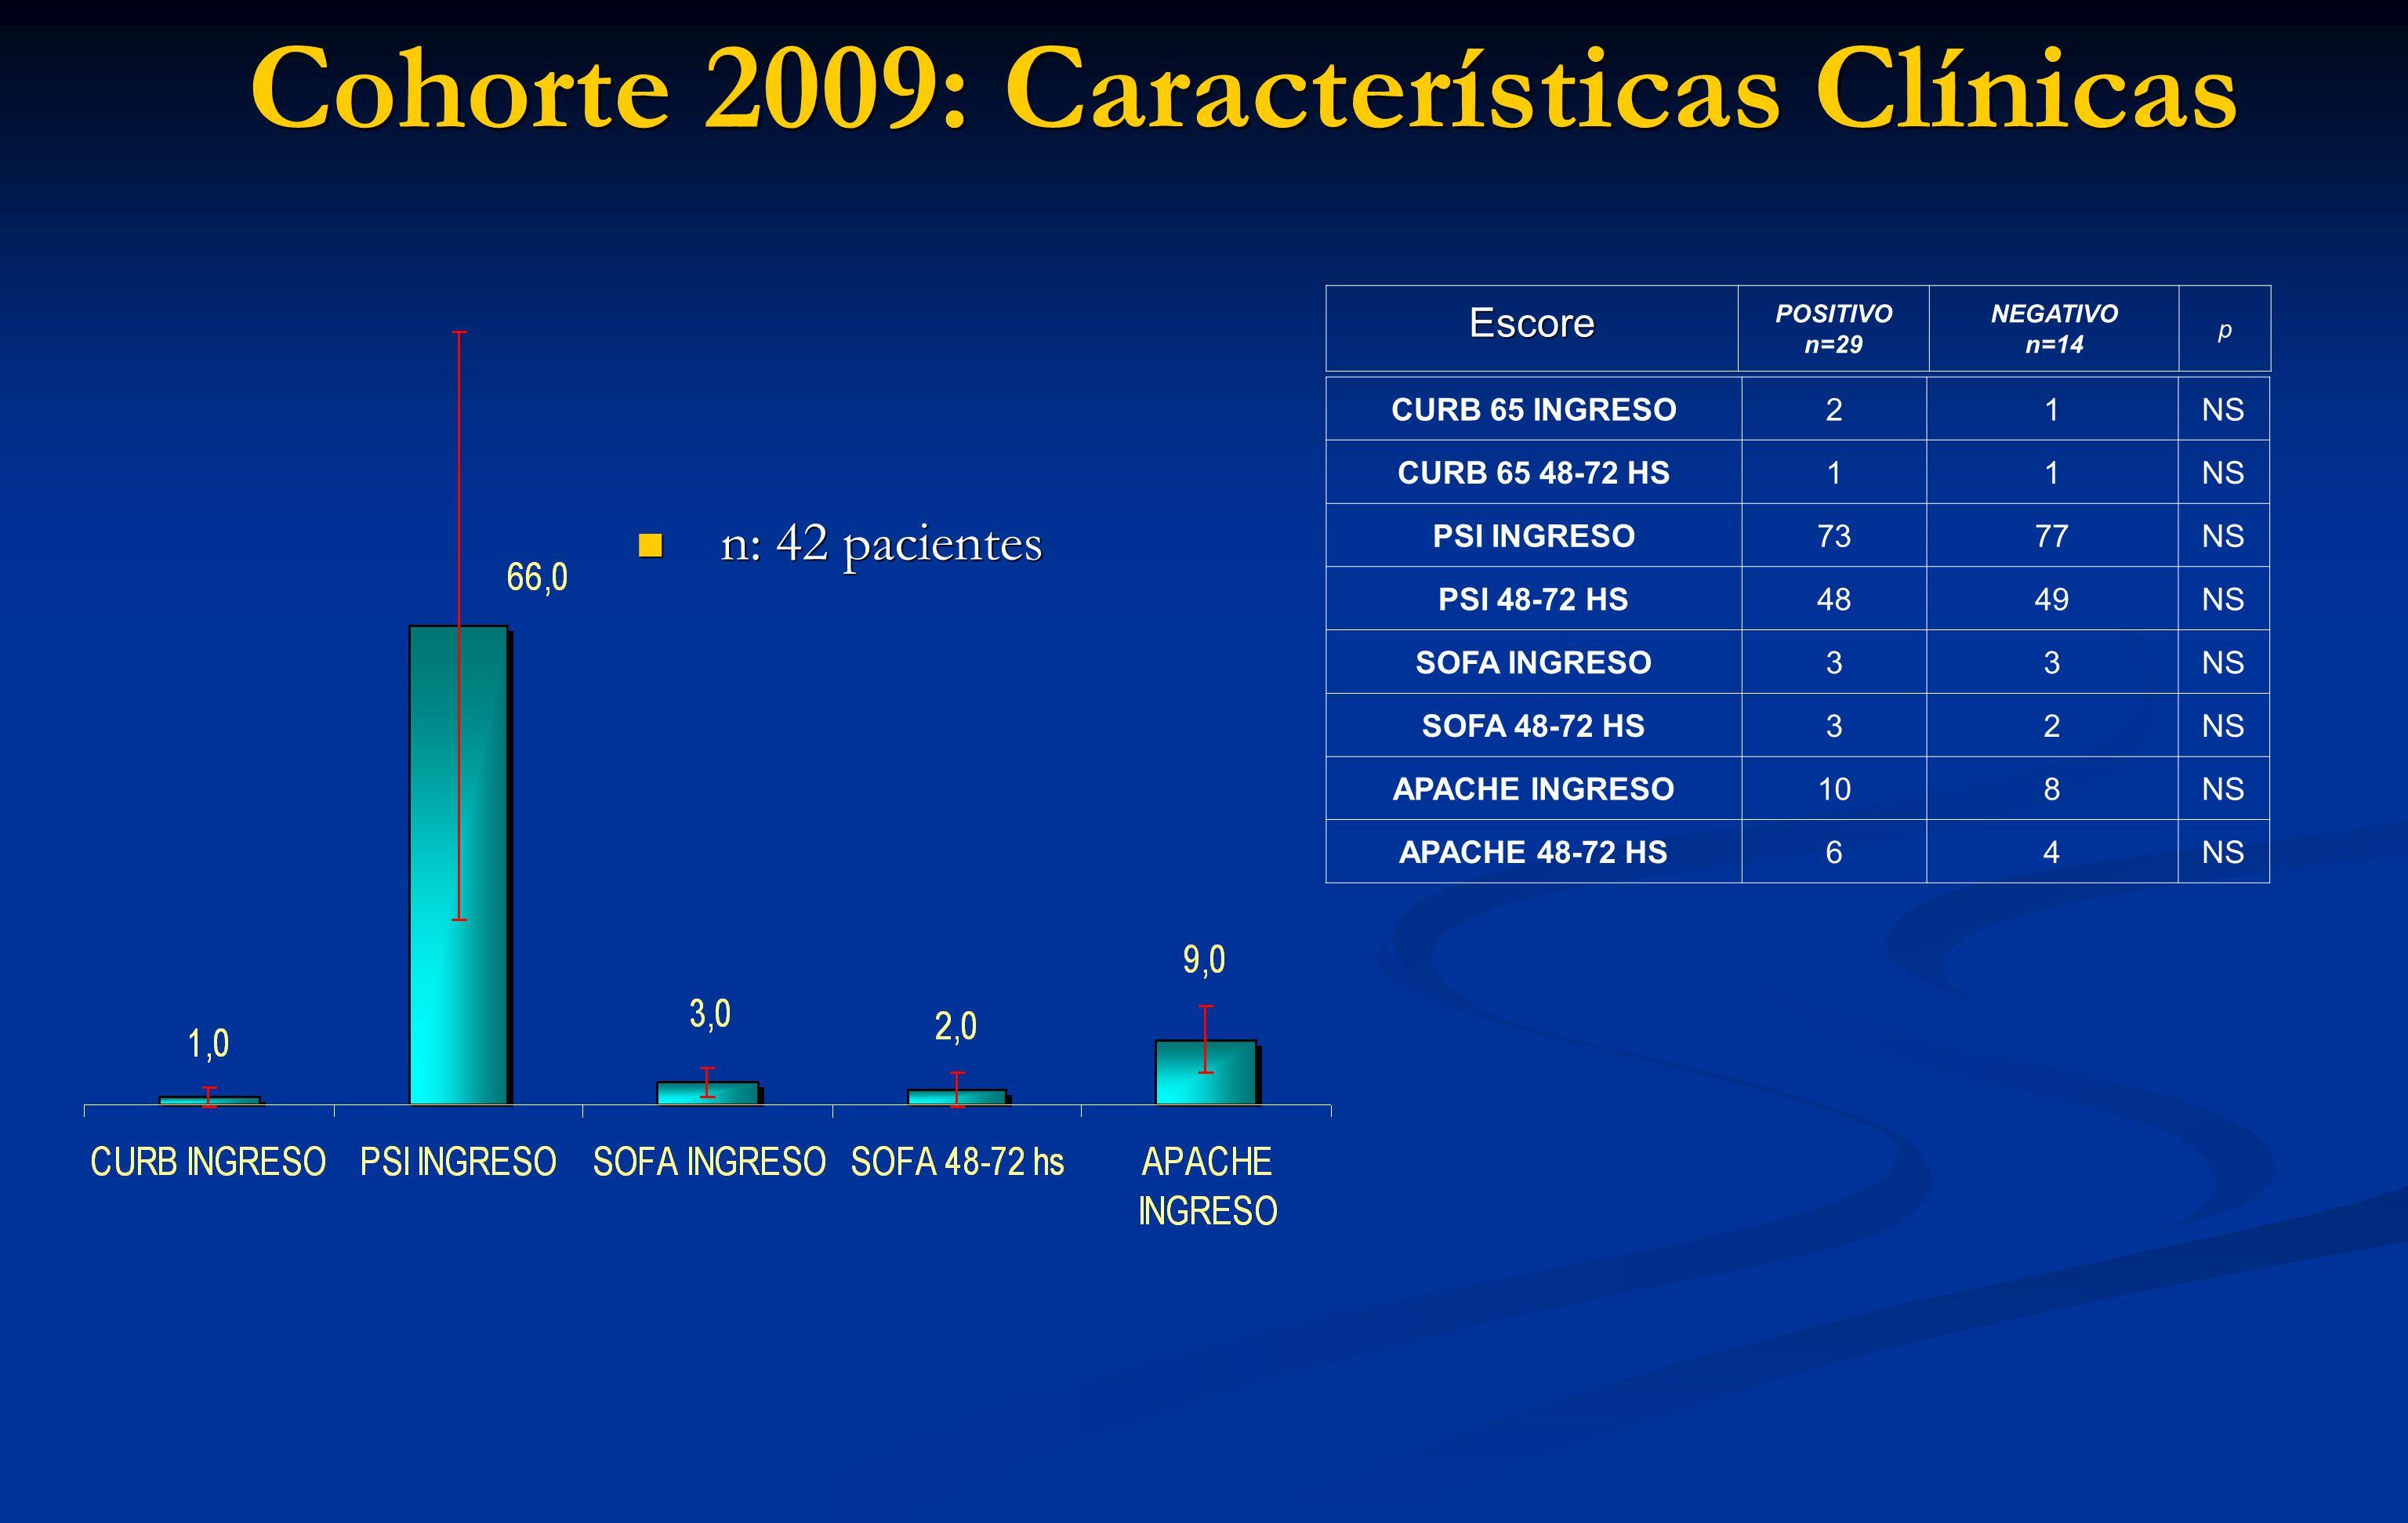 Cohorte 2009: Características Clínicas